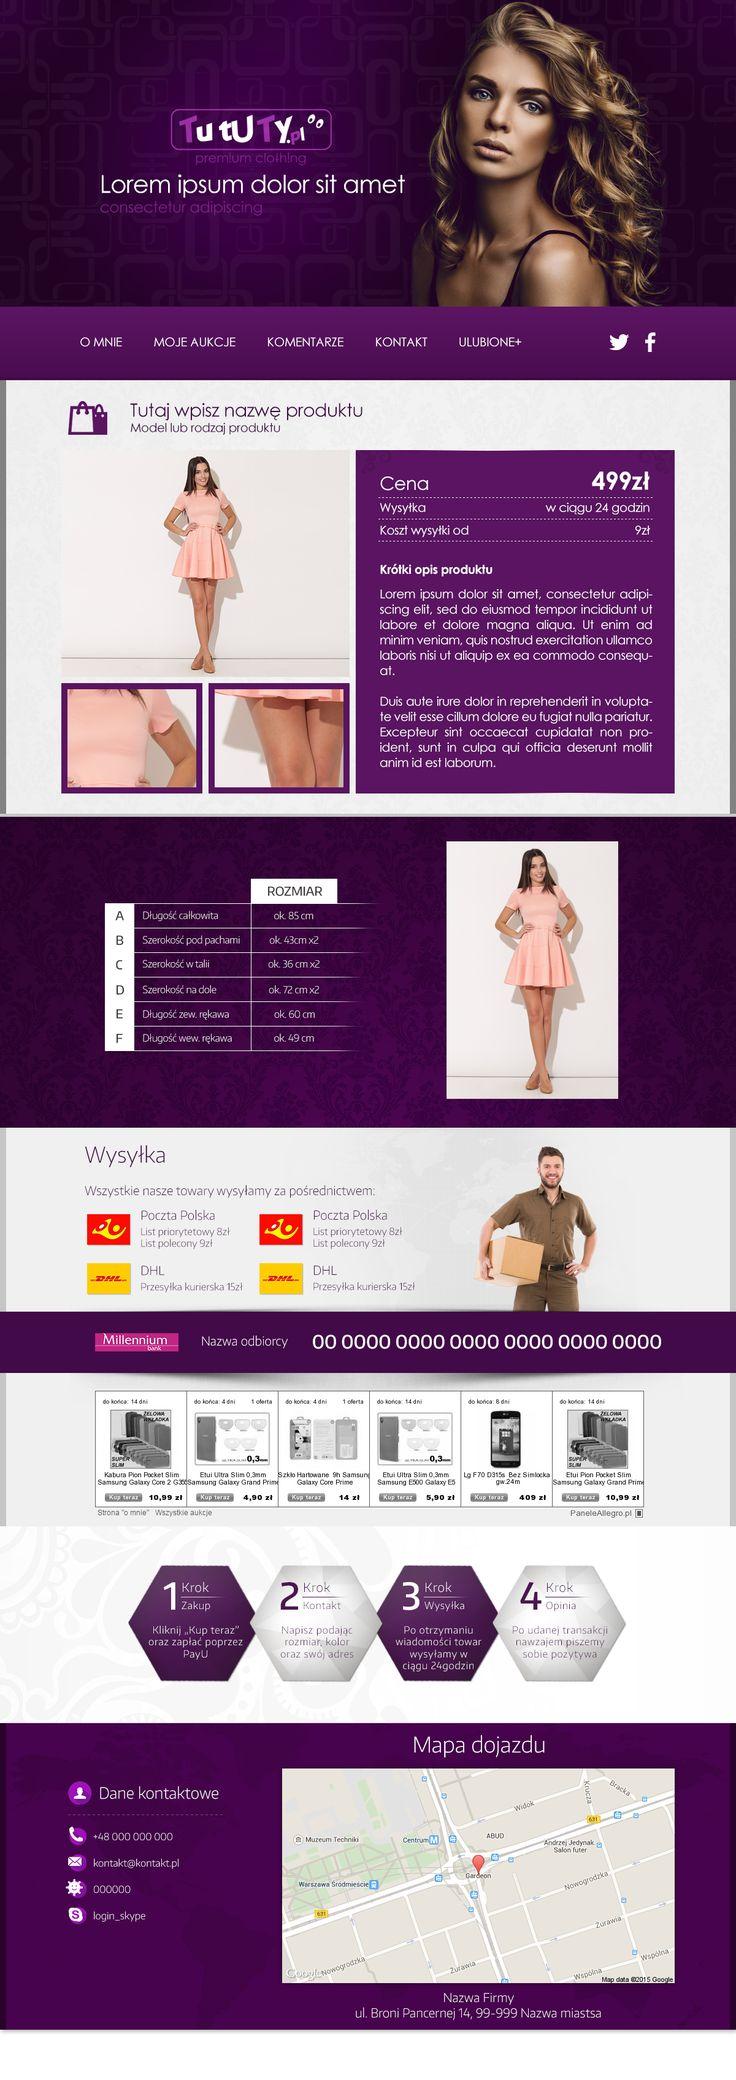 Szablon na zlecenie firmy TutuTy.pl. #szablonallegro #odziezdamska #sukienki #allegro #allegrodesign